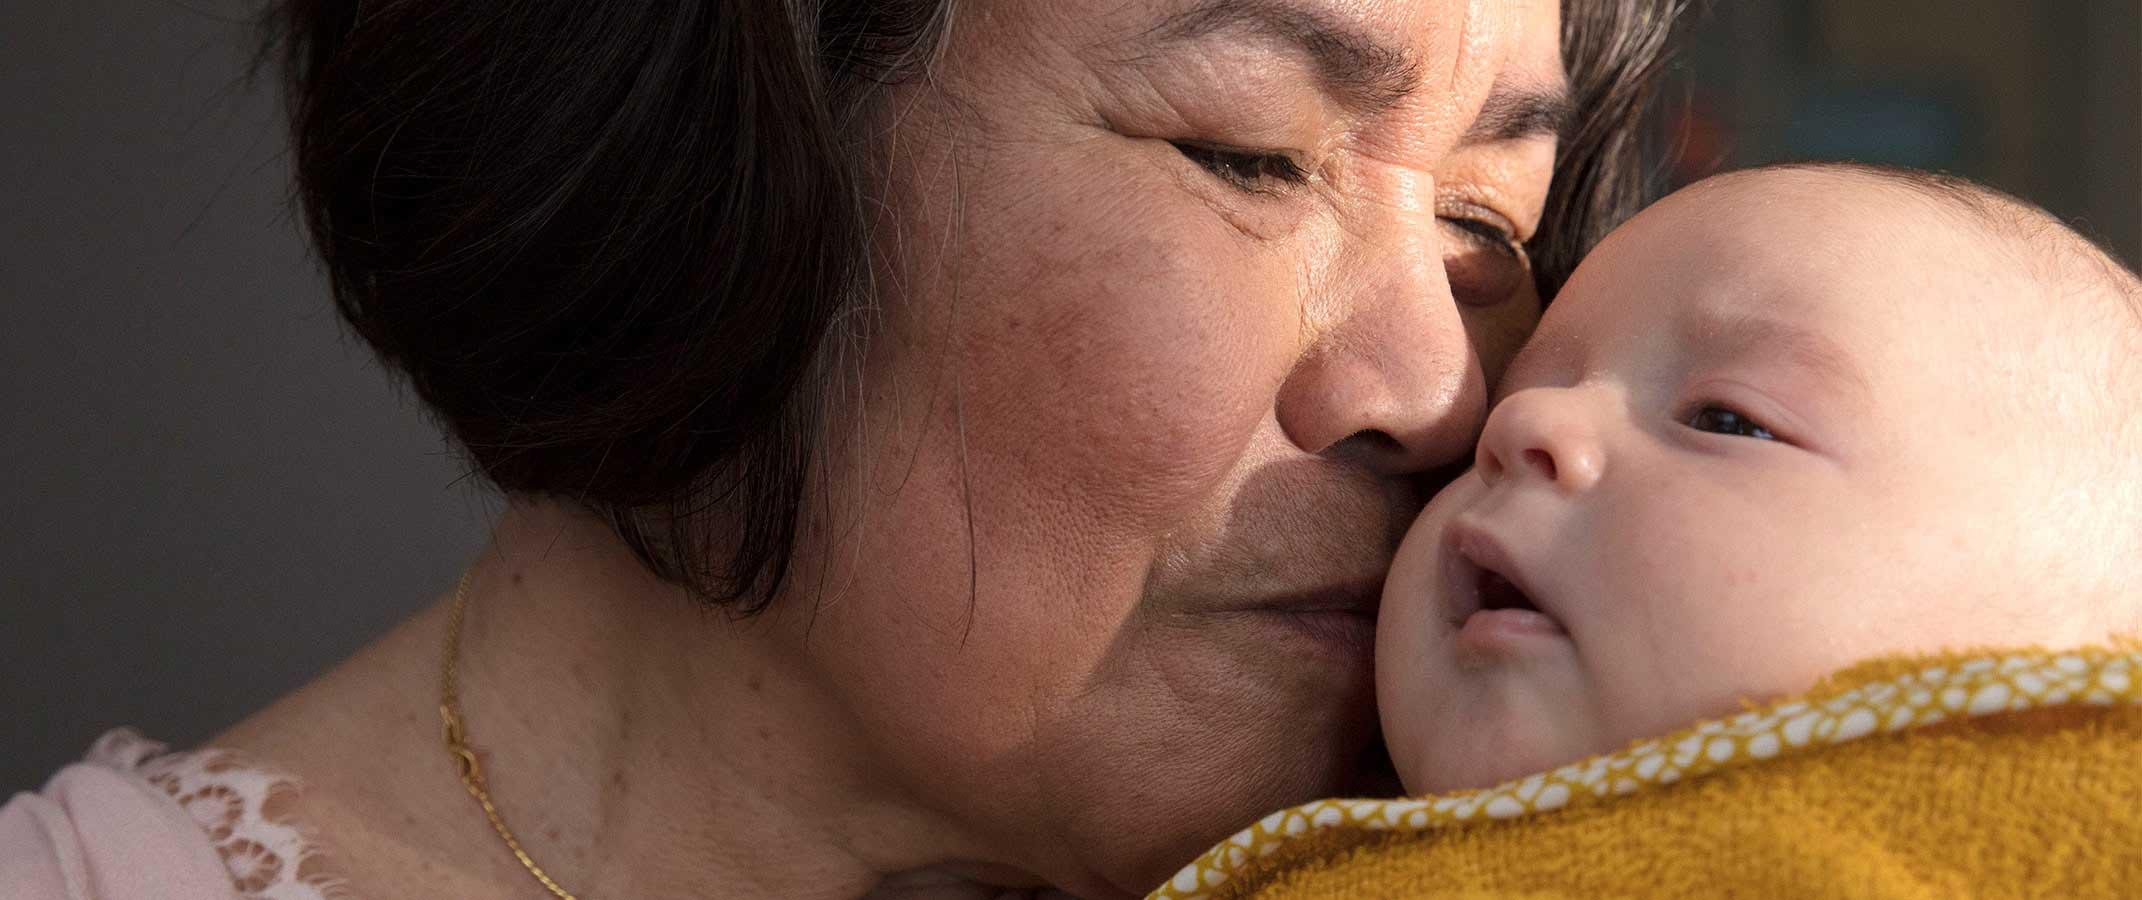 Señora arrullando a bebé